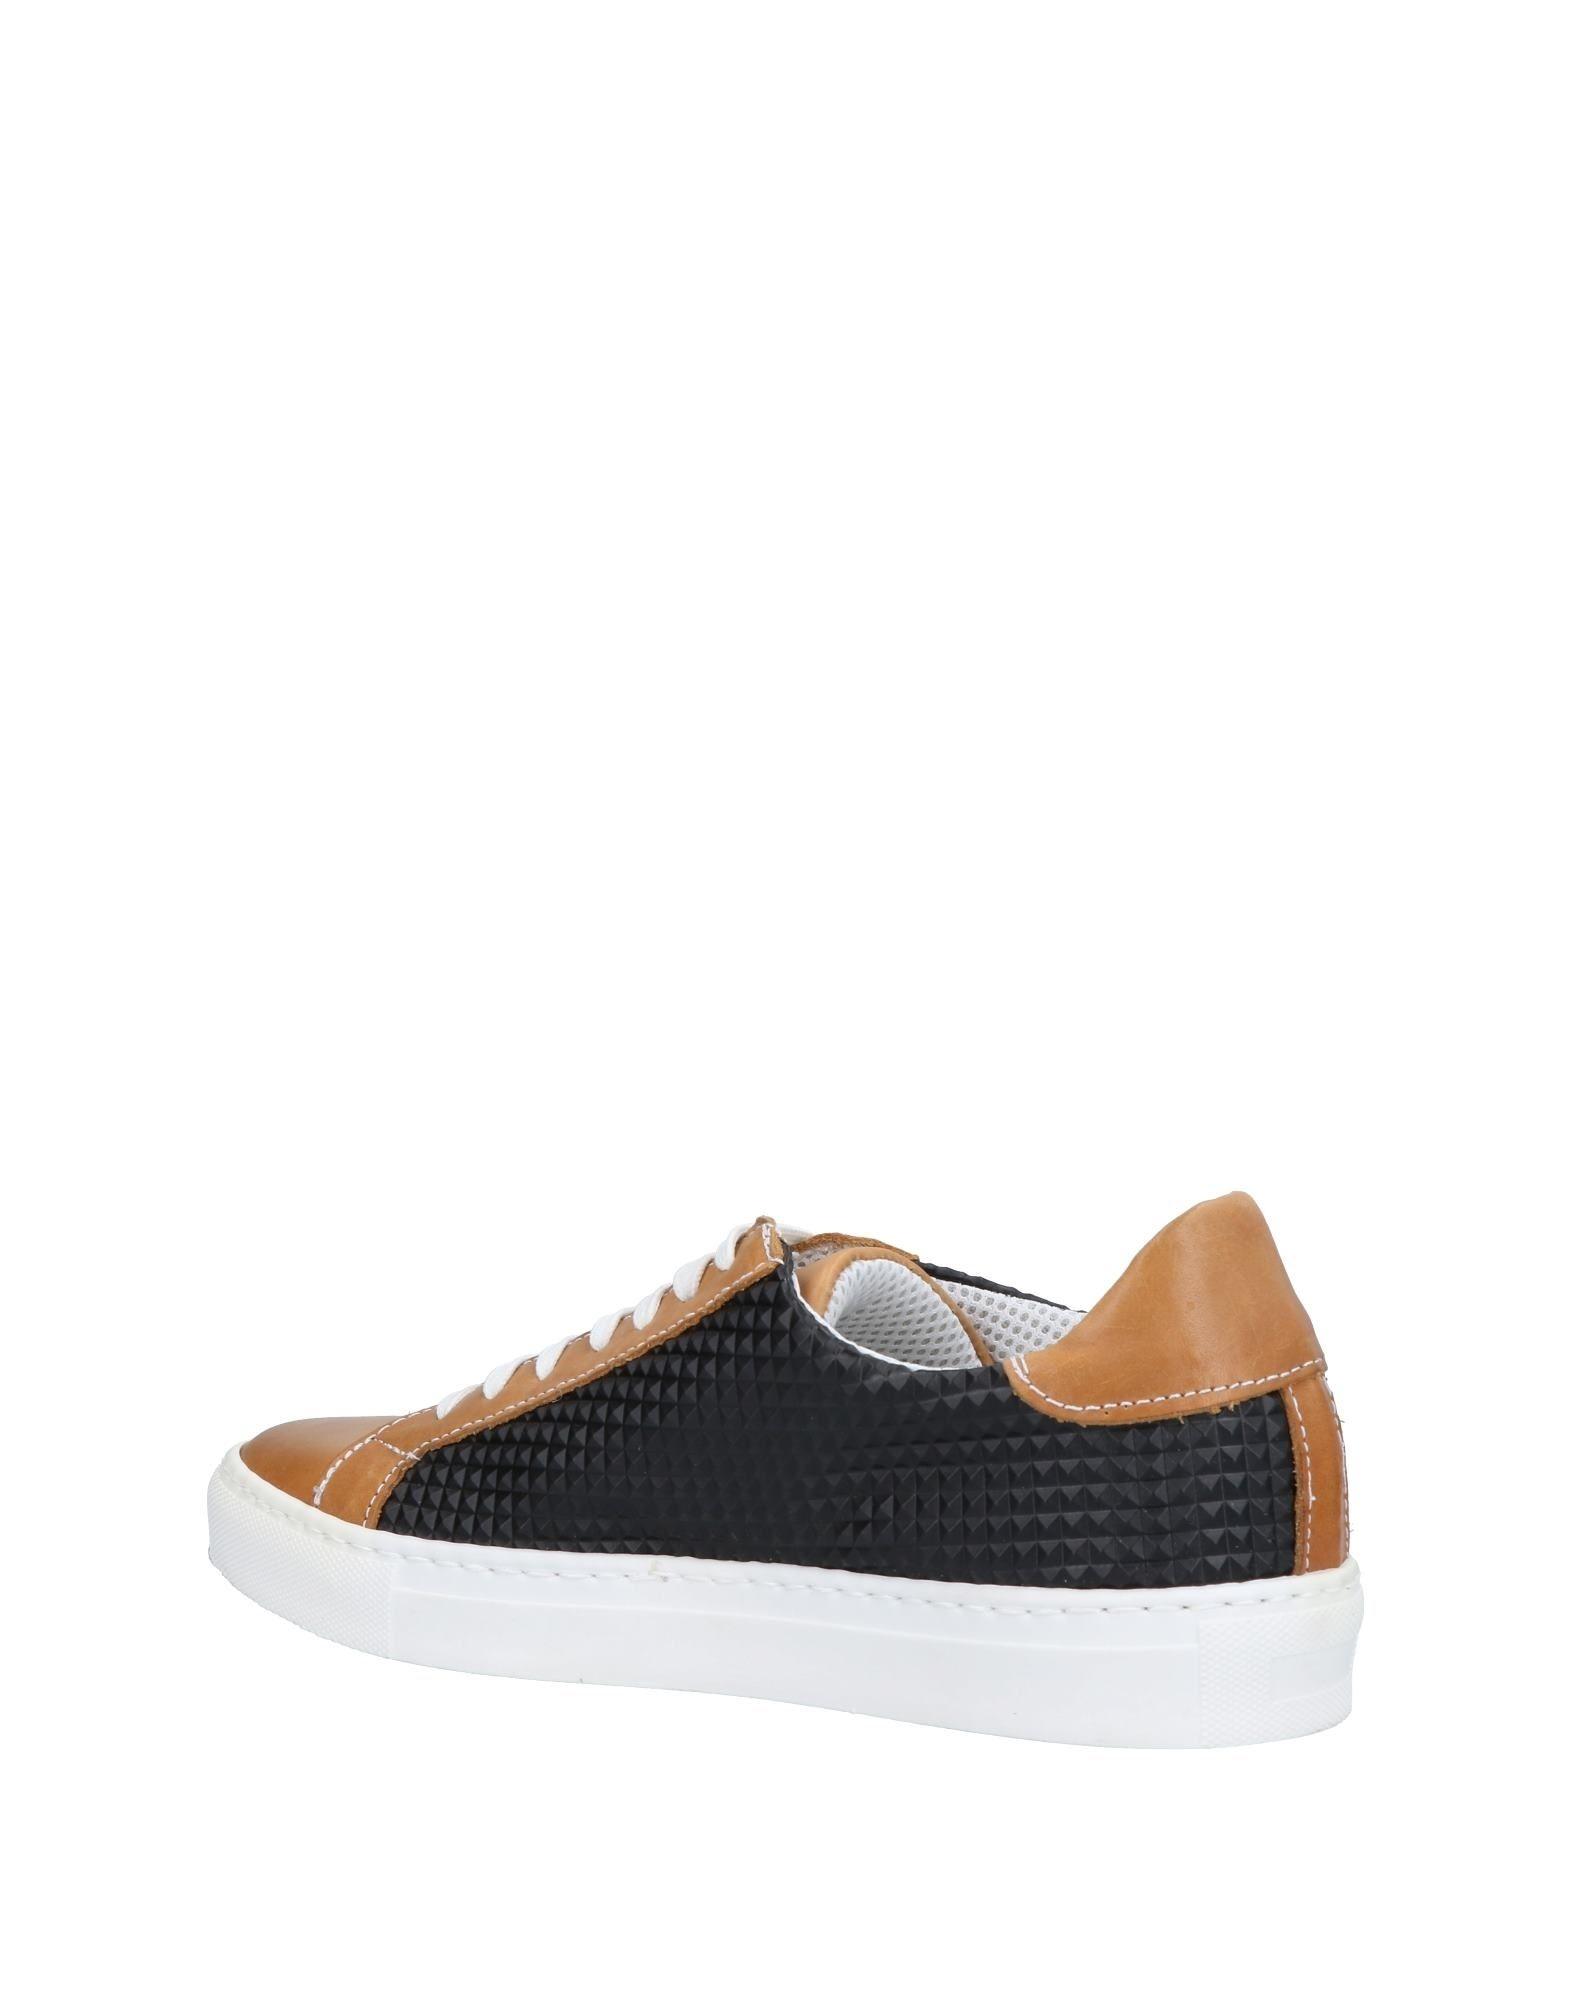 Cenci Gianfranco Cenci  Sneakers Herren  11468324BT 24f744